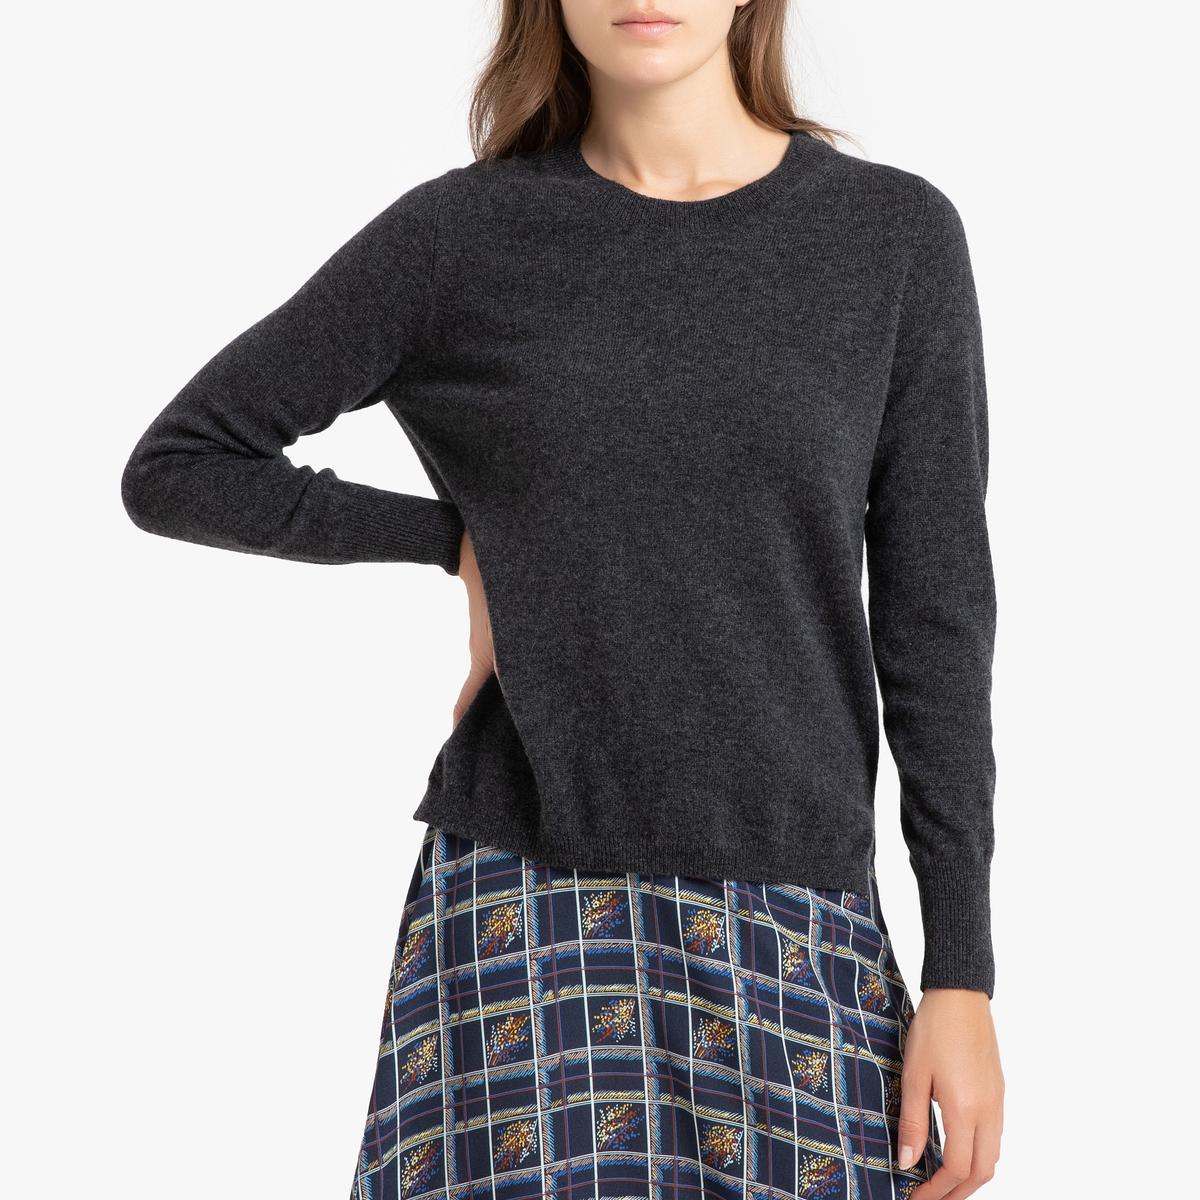 Пуловер La Redoute Кашемировый с круглым вырезом из тонкого трикотажа ROSE 3(L) серый свитшот la redoute с круглым вырезом и вышивкой s черный